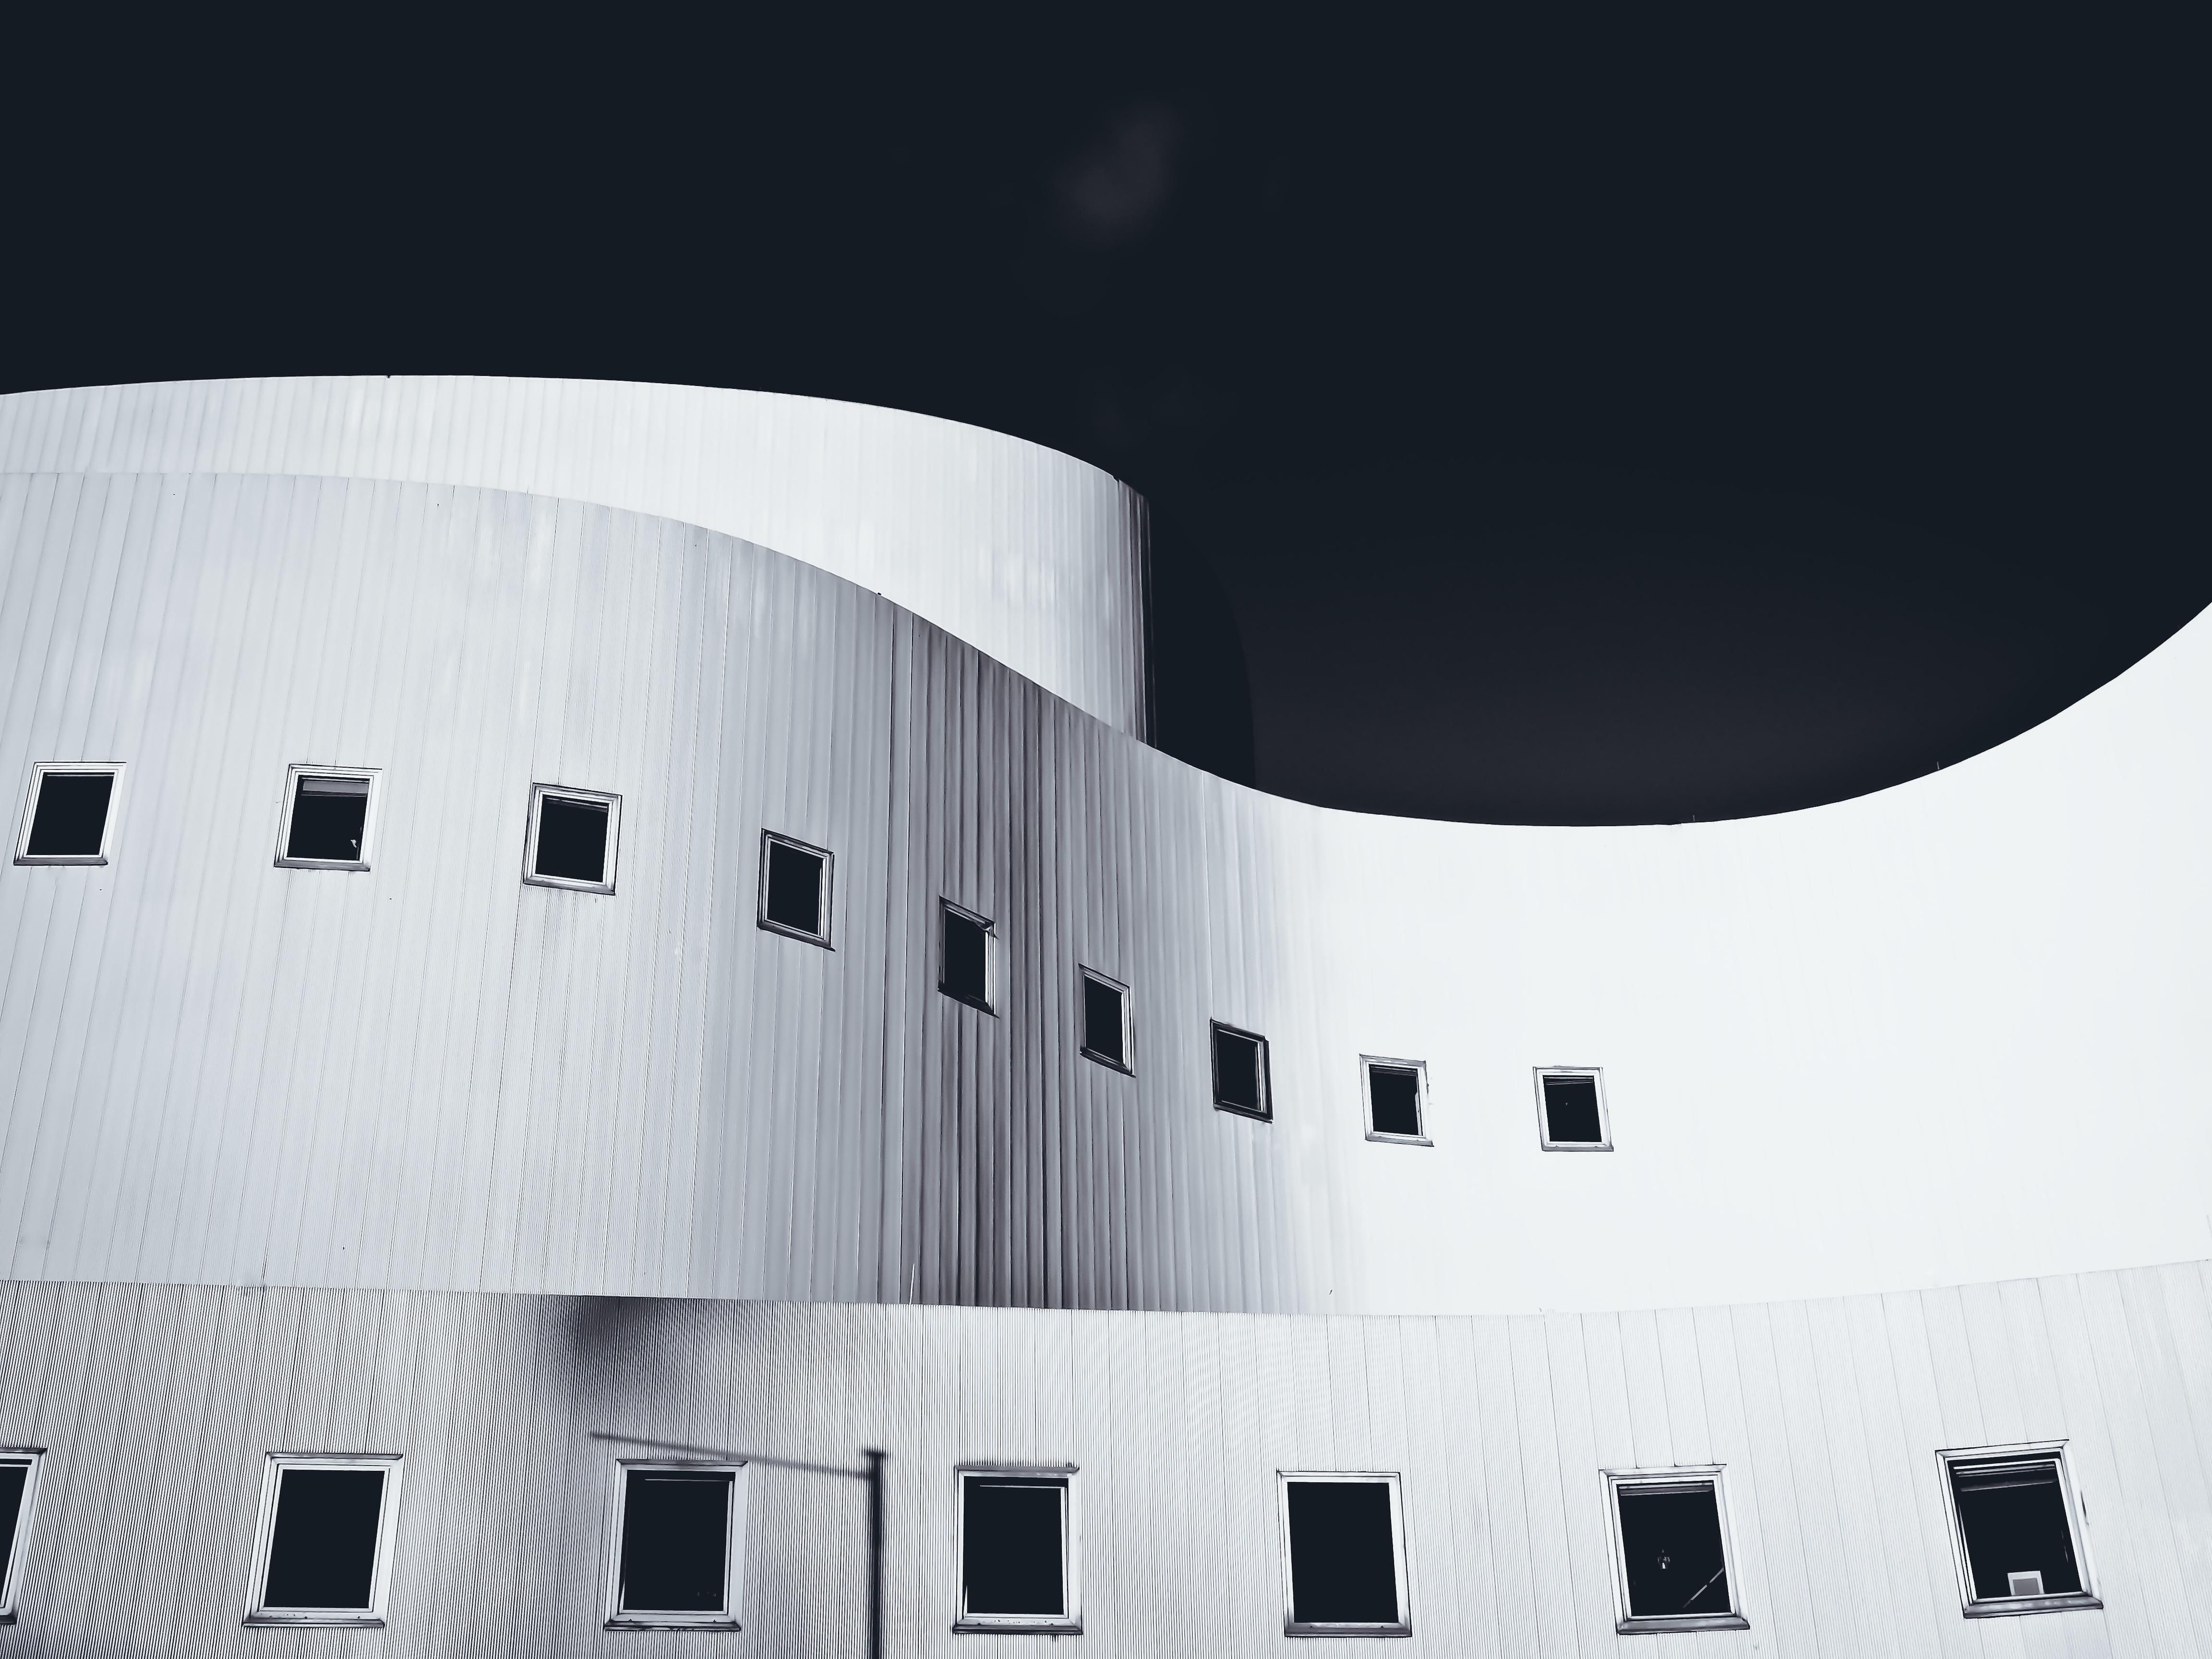 Kostenlose foto : Schwarz und weiß, die Architektur, Weiß, Gebäude ...